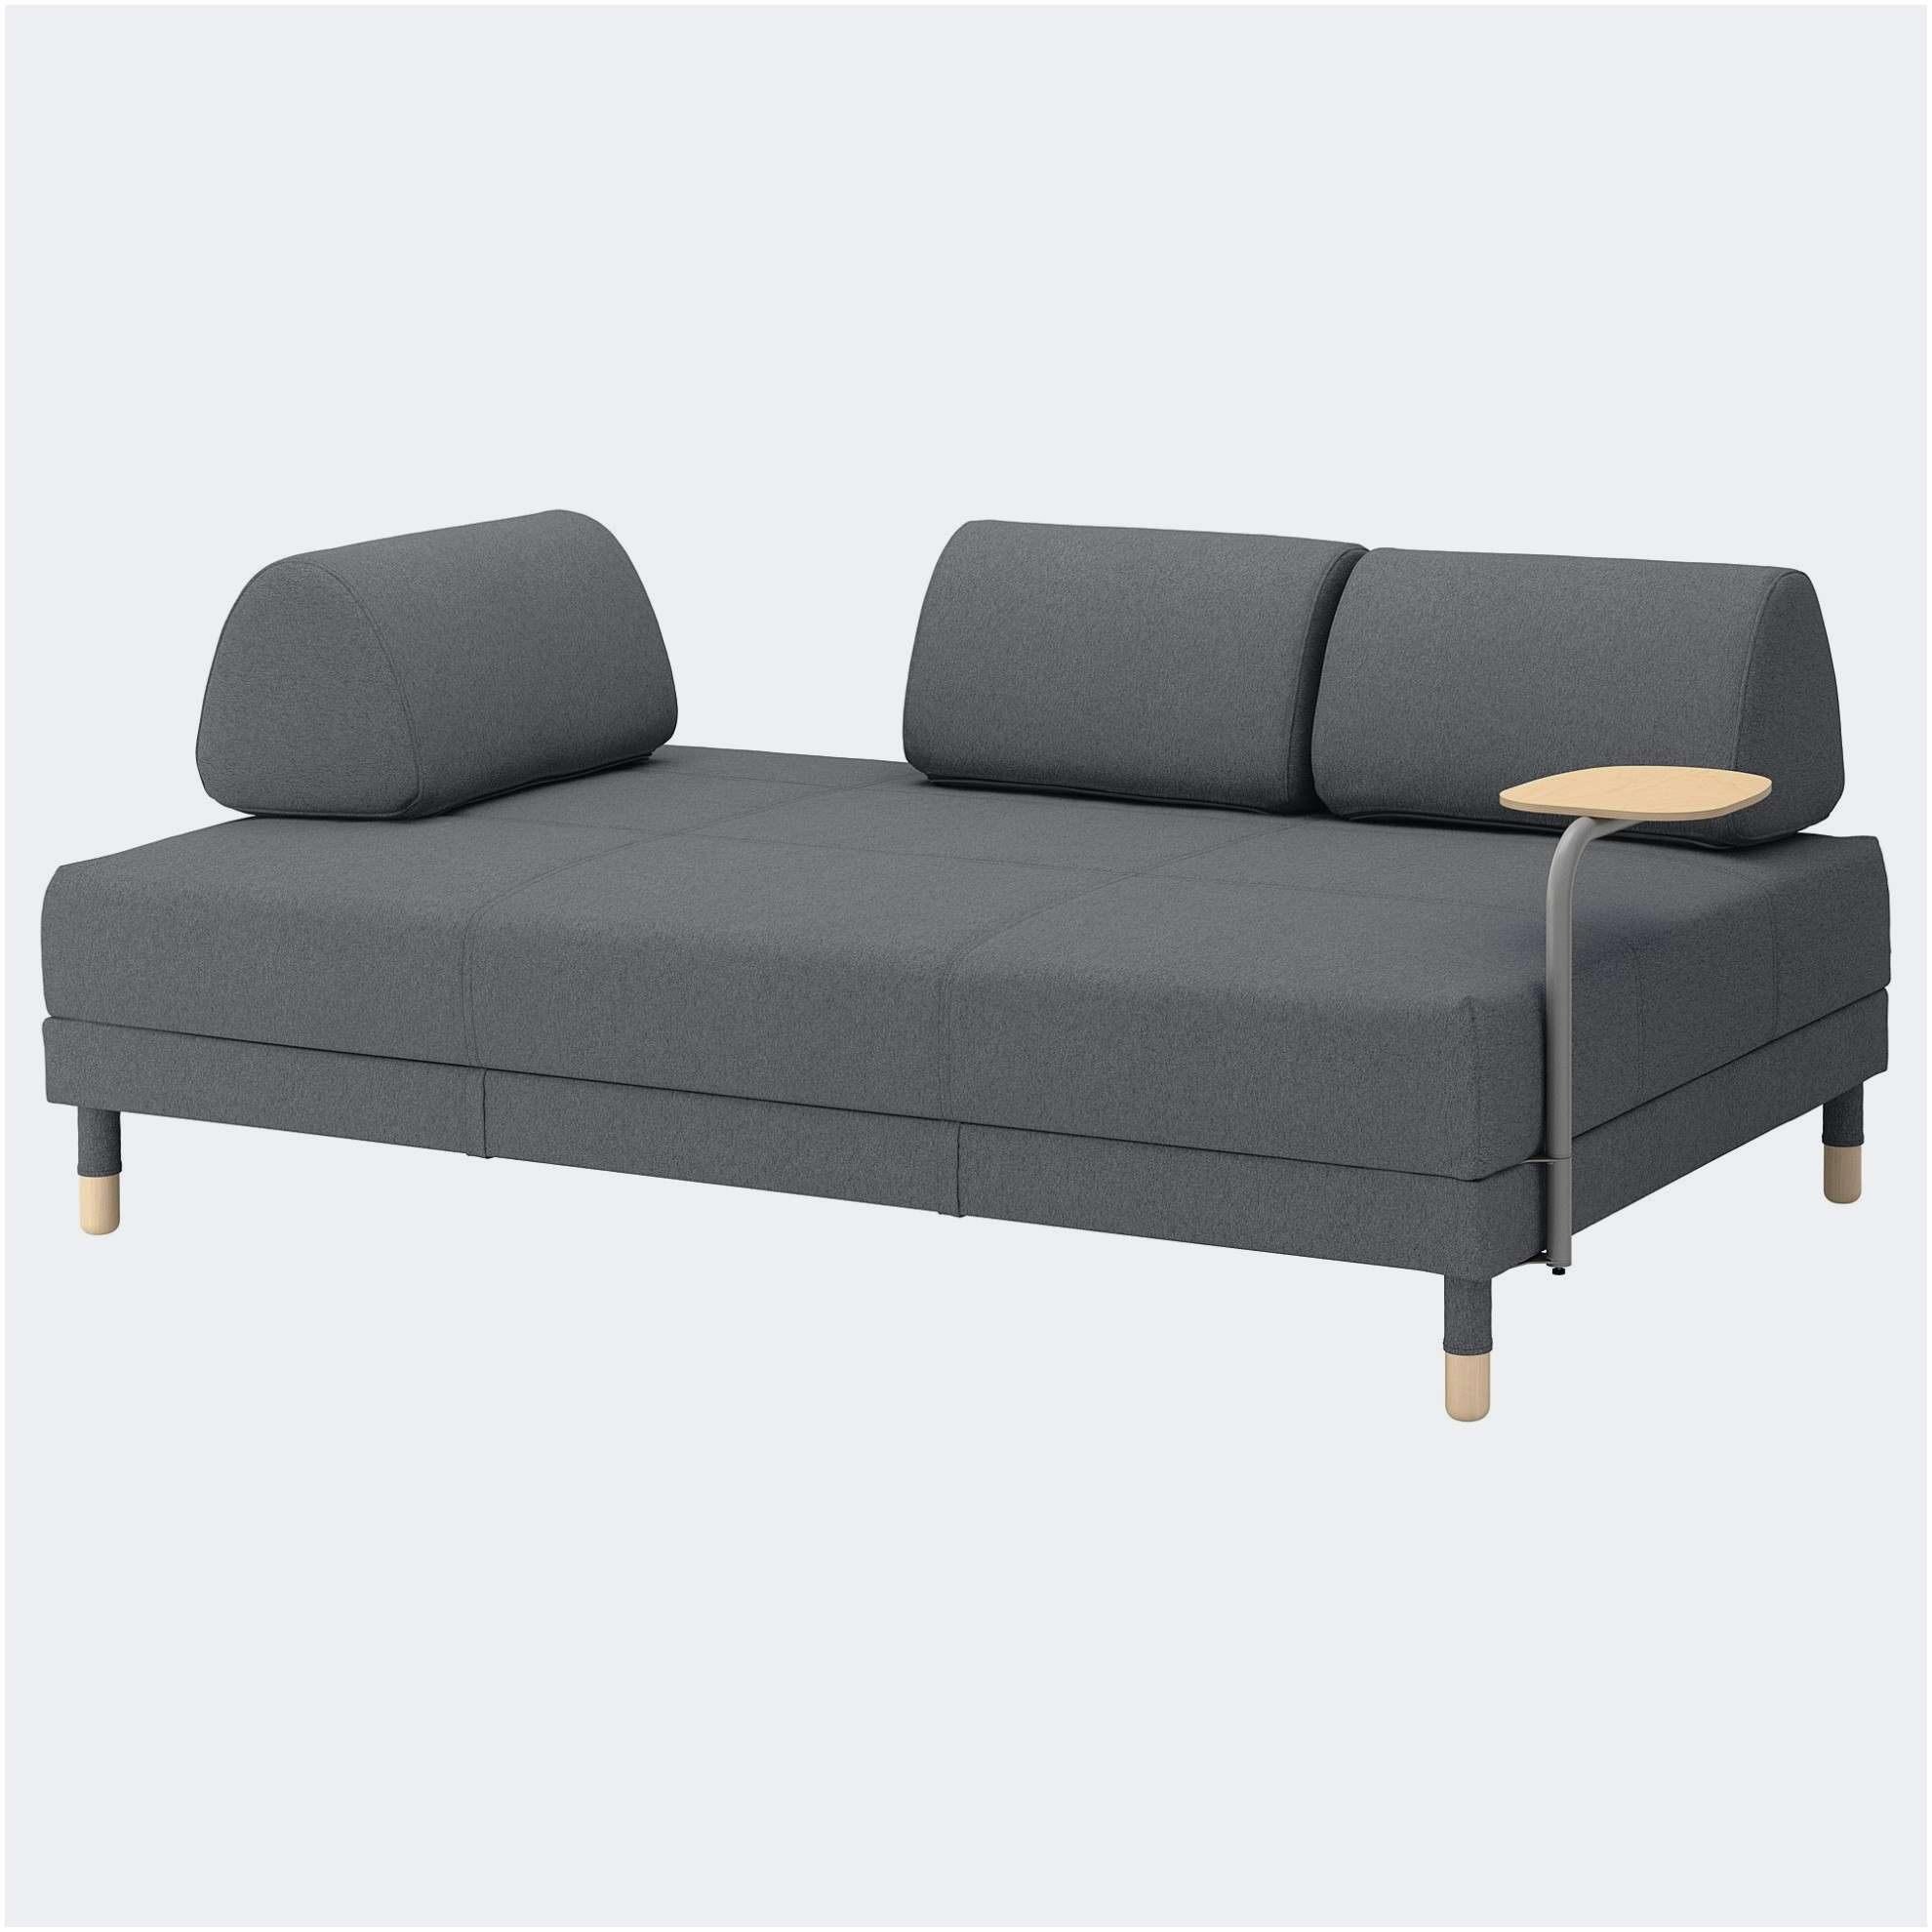 Canapé Lit Pas Cher Joli Frais 21 Satisfaisant Canapé Convertible Pas Cher Ikea Canapé